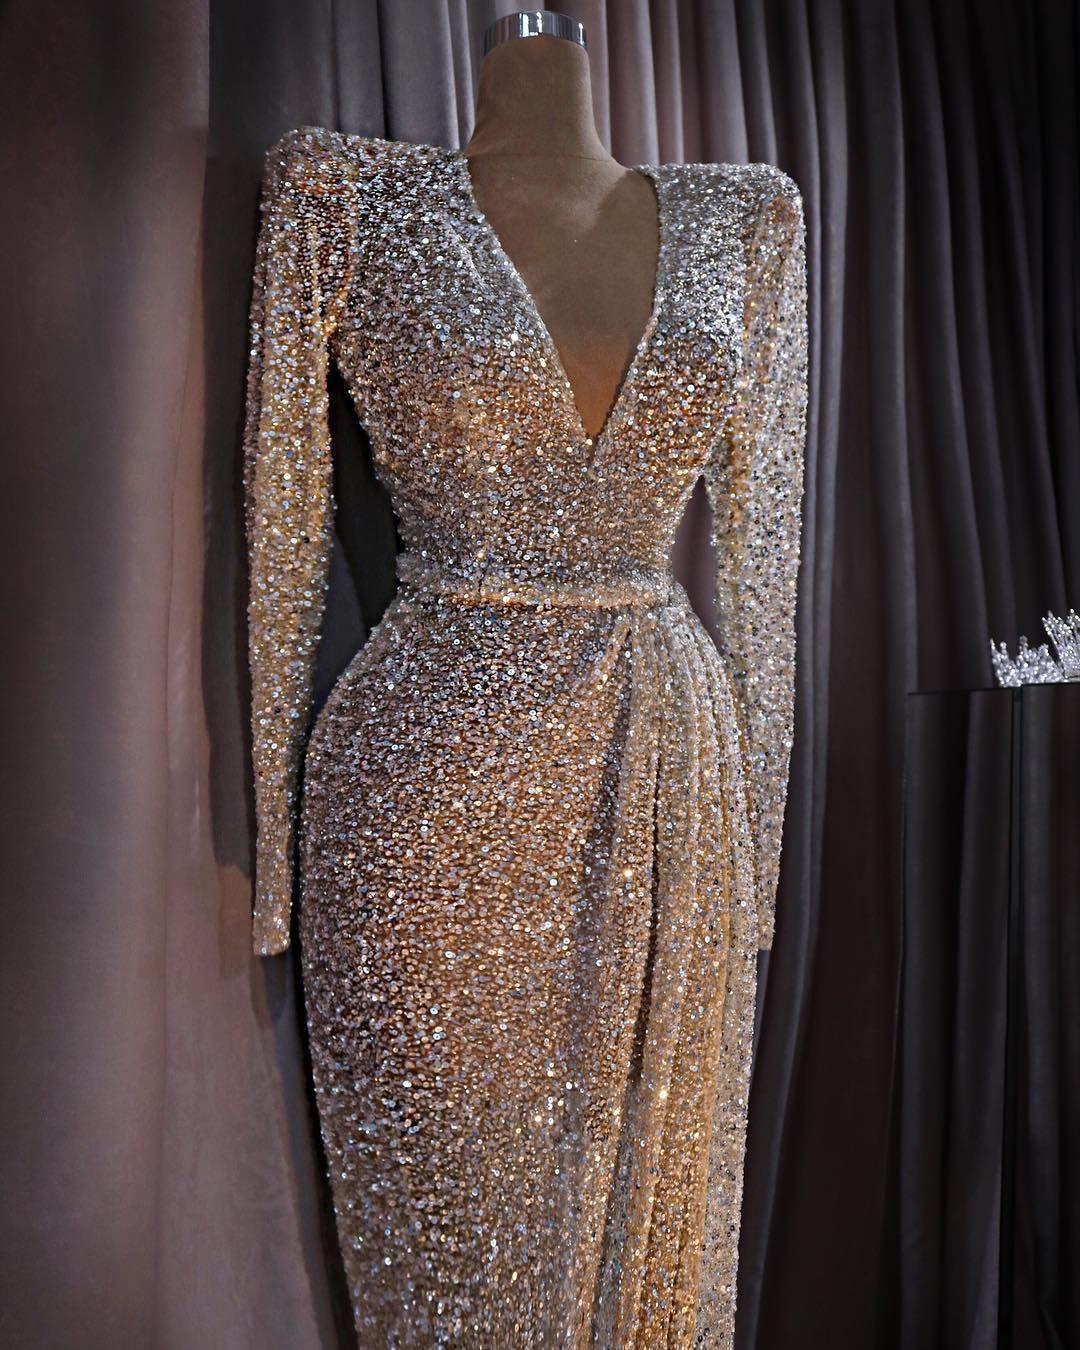 10 Einfach Abendkleid Instagram Vertrieb15 Schön Abendkleid Instagram Galerie